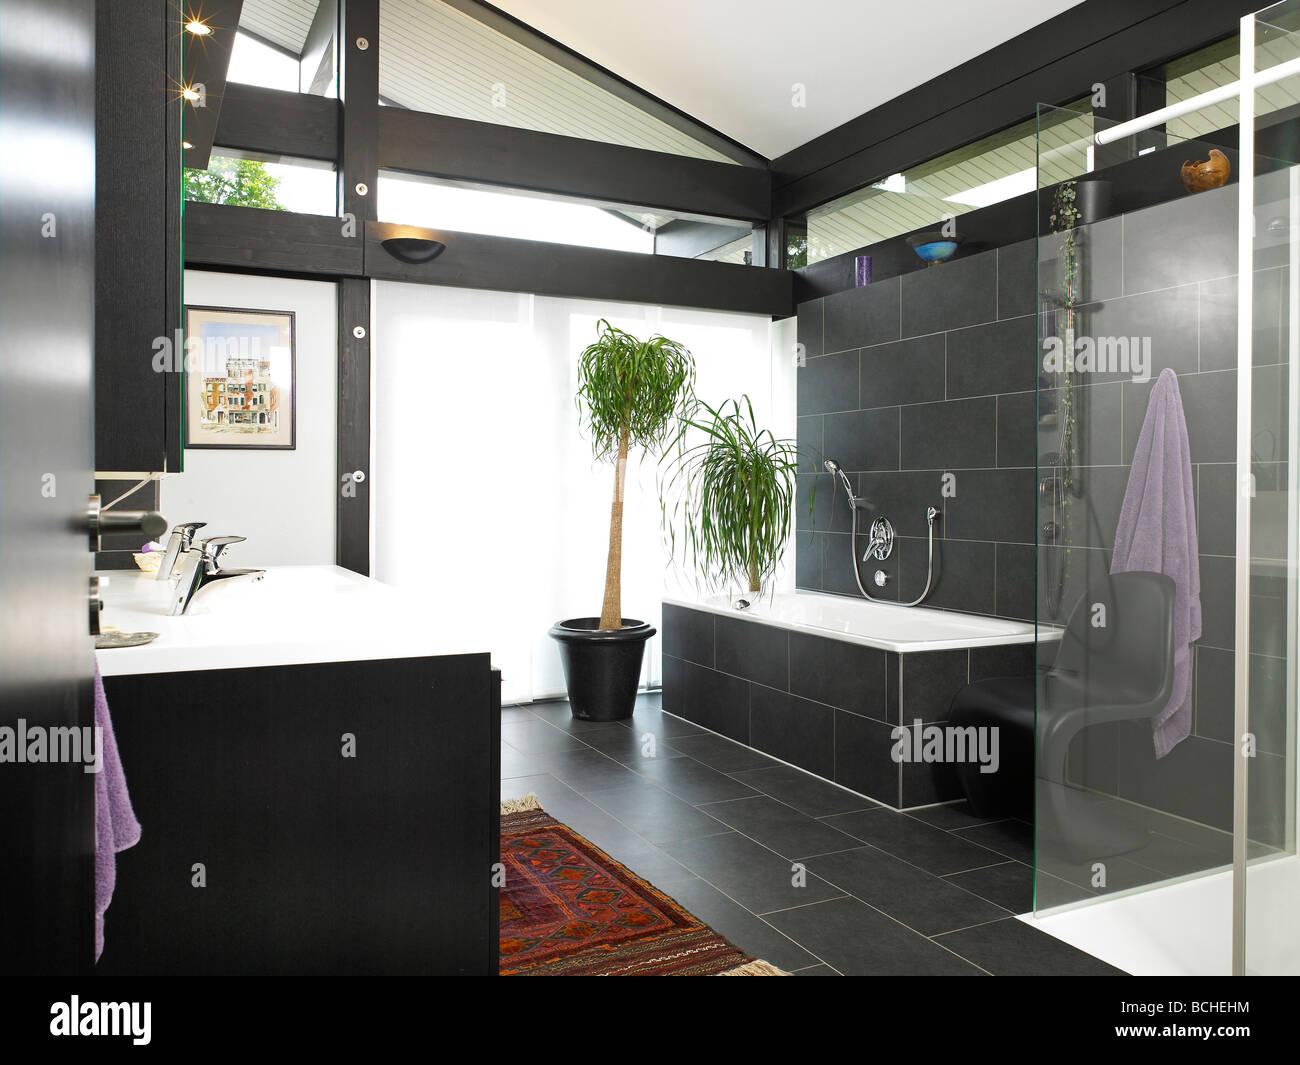 badezimmer bauen, selbst bauen huf haus badezimmer interieur stockfoto, bild: 24970896, Badezimmer